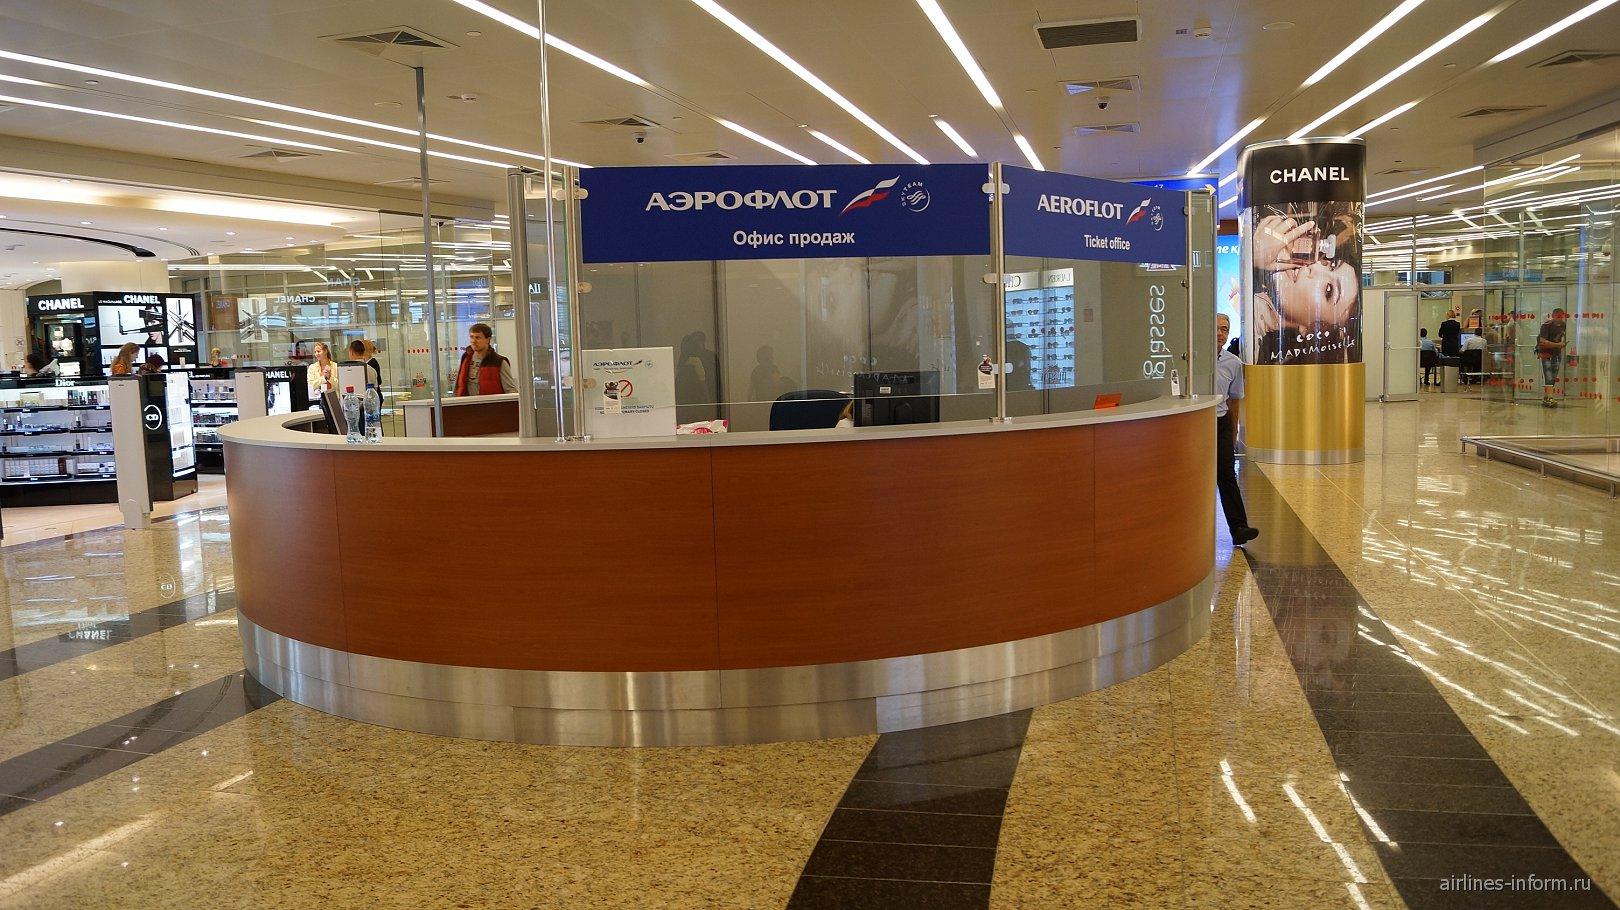 Офис продаж Аэрофлота в чистой зоне аэропорта Шереметьево